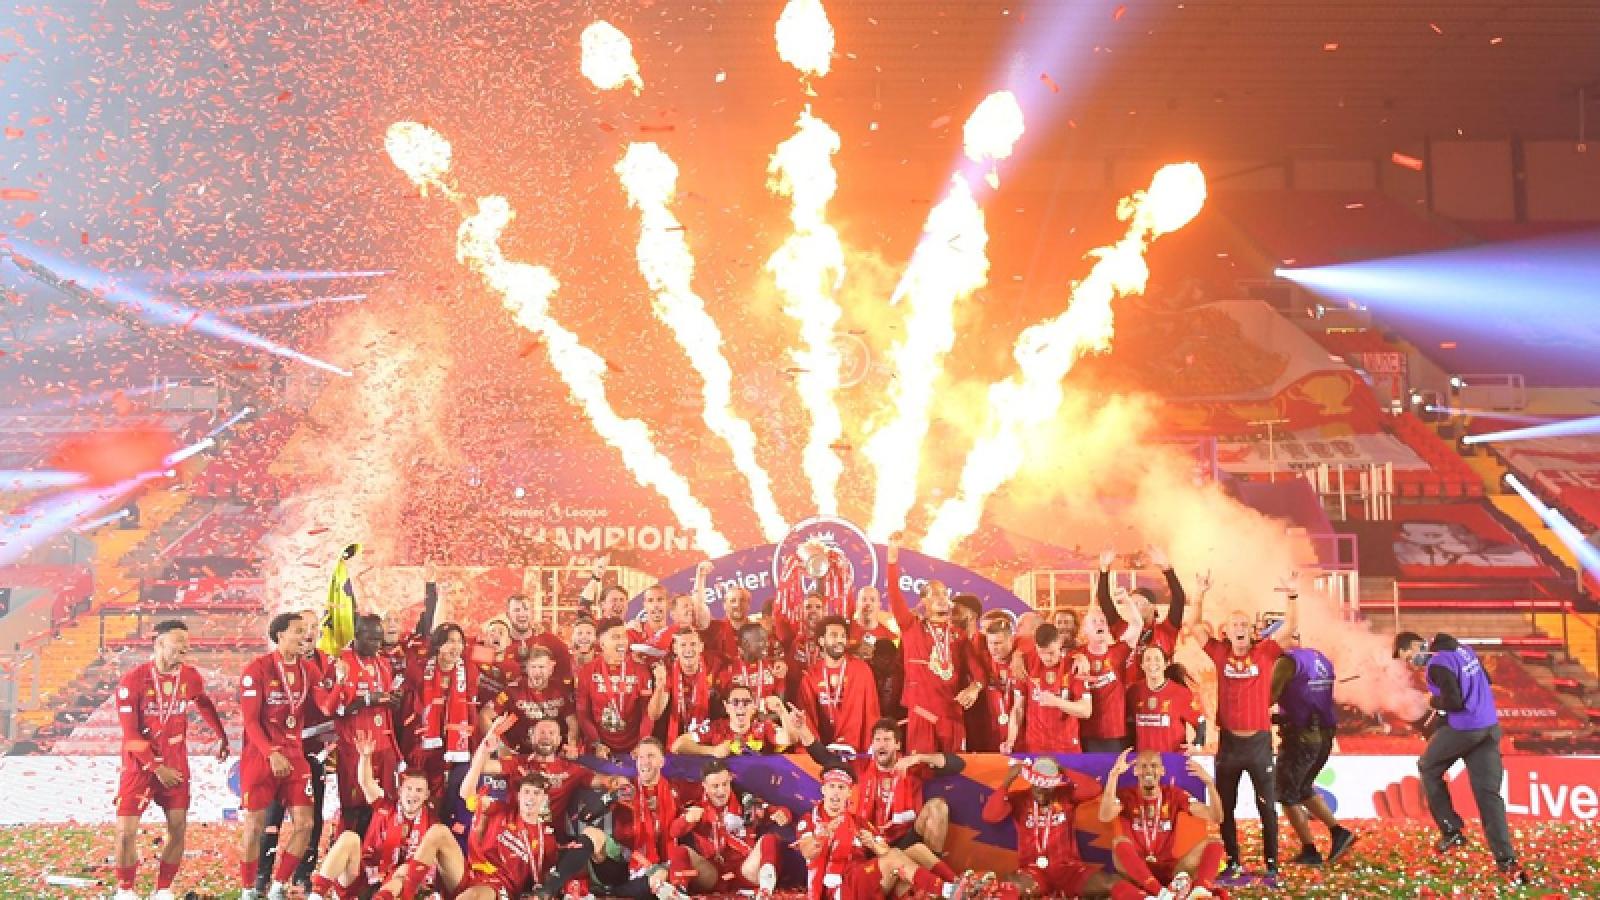 VIDEO: Khoảnh khắc Liverpool nâng cúp vô địch Premier League 19/20